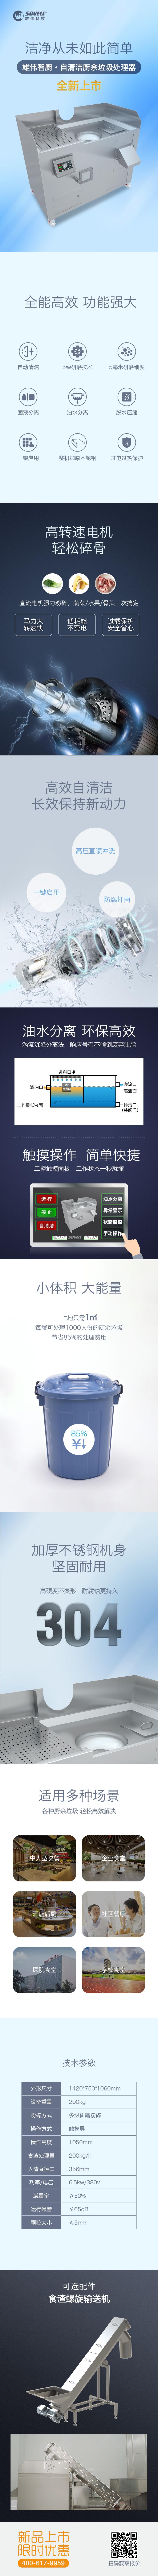 微信长图-垃圾处理器.jpg